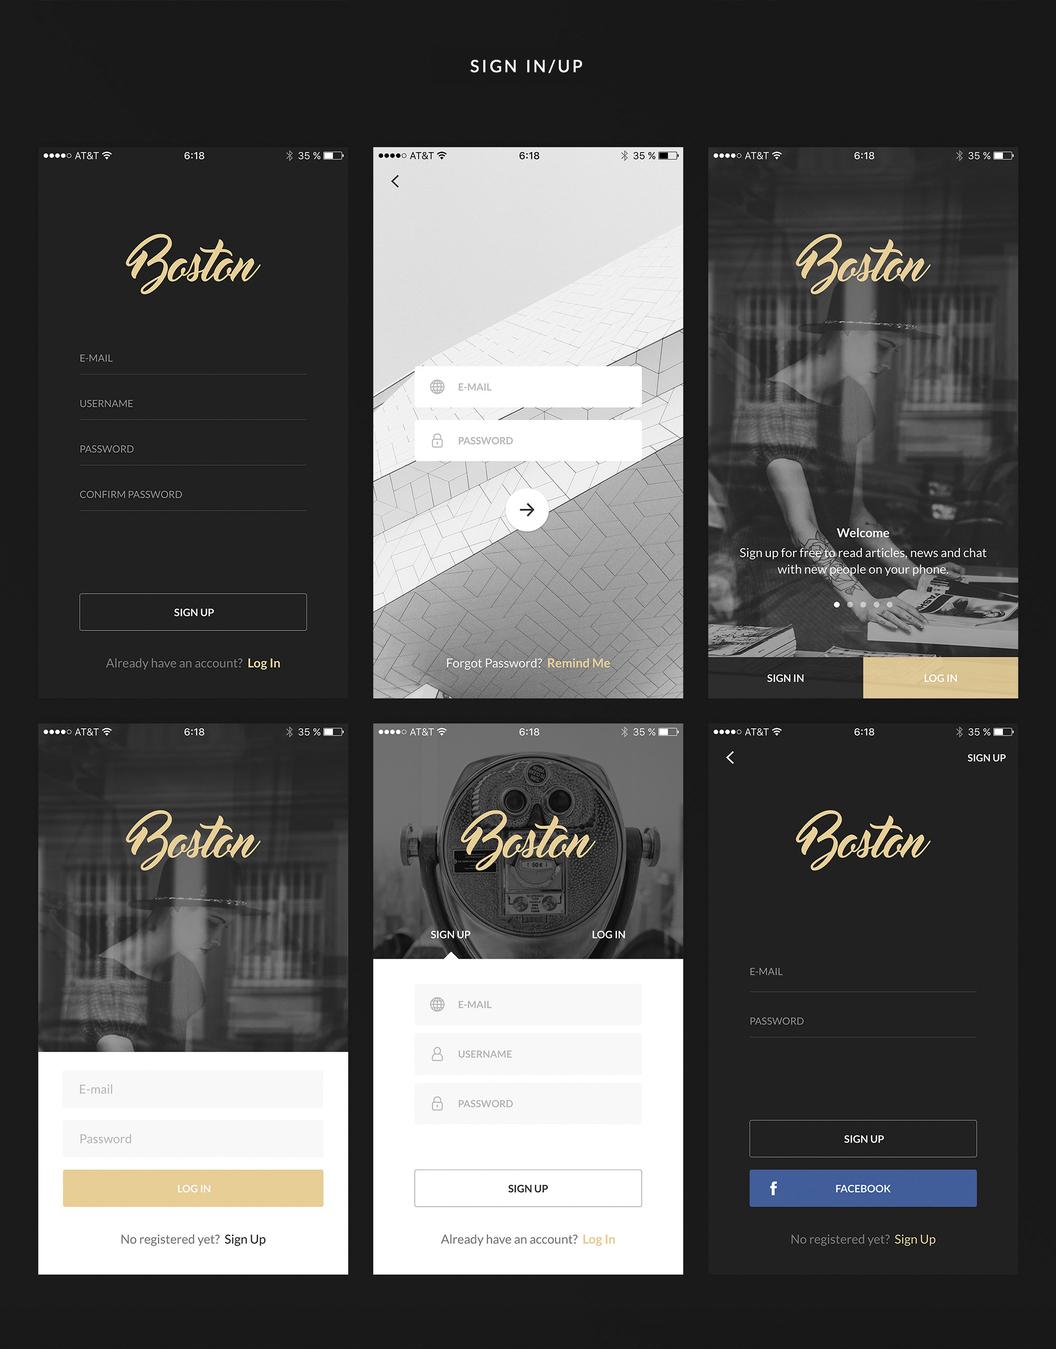 Boston 简洁设计的移动UI主题包 sketch素材下载 主题包-第5张